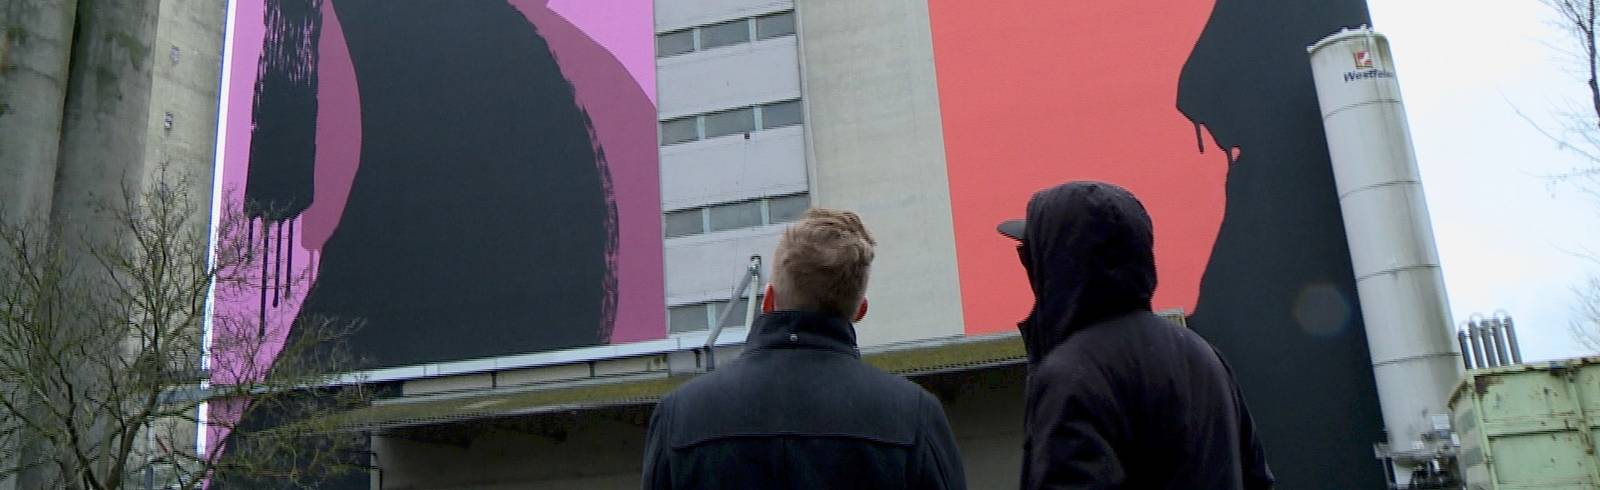 Künstler Golif Malt Riesen Gemälde Auf Speicher Wand Künstler